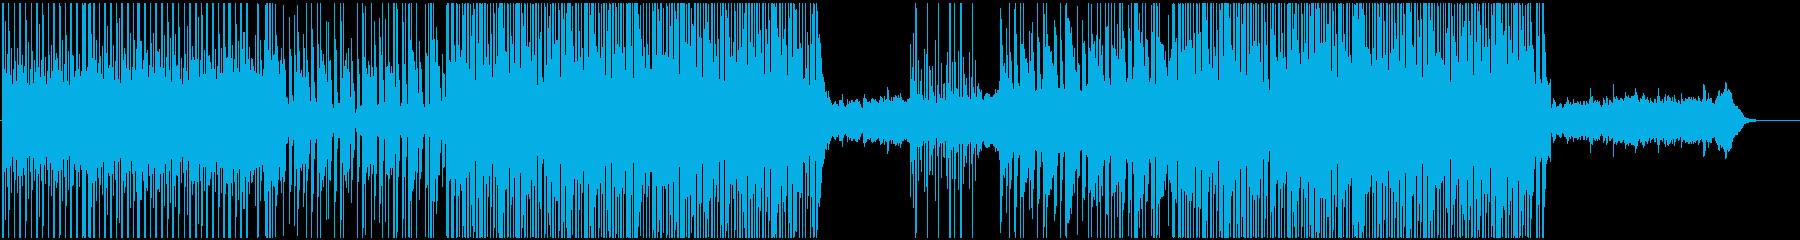 トロピカルでチルいリラックス系ハウスの再生済みの波形